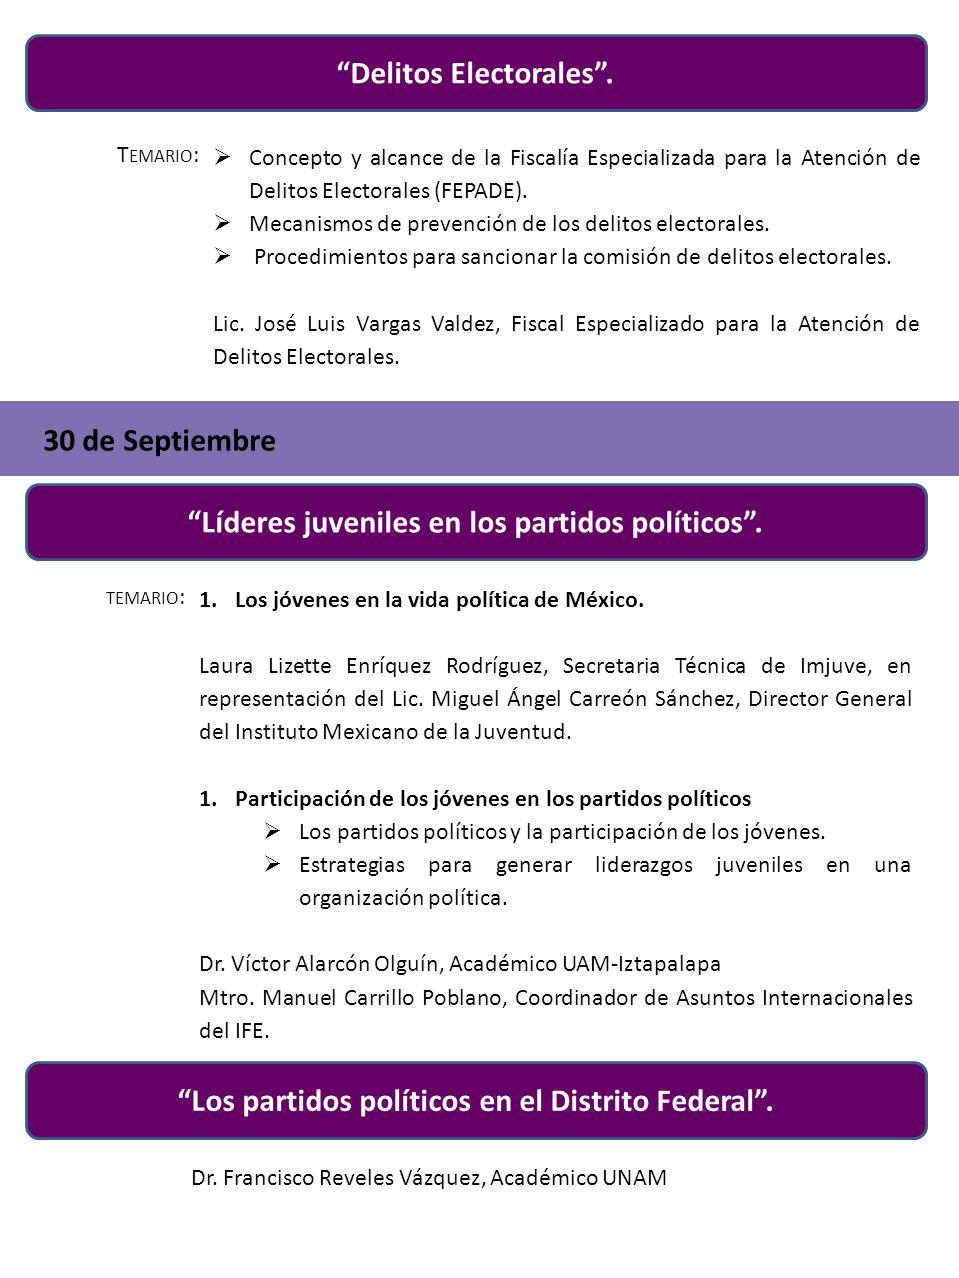 Delitos Electorales.